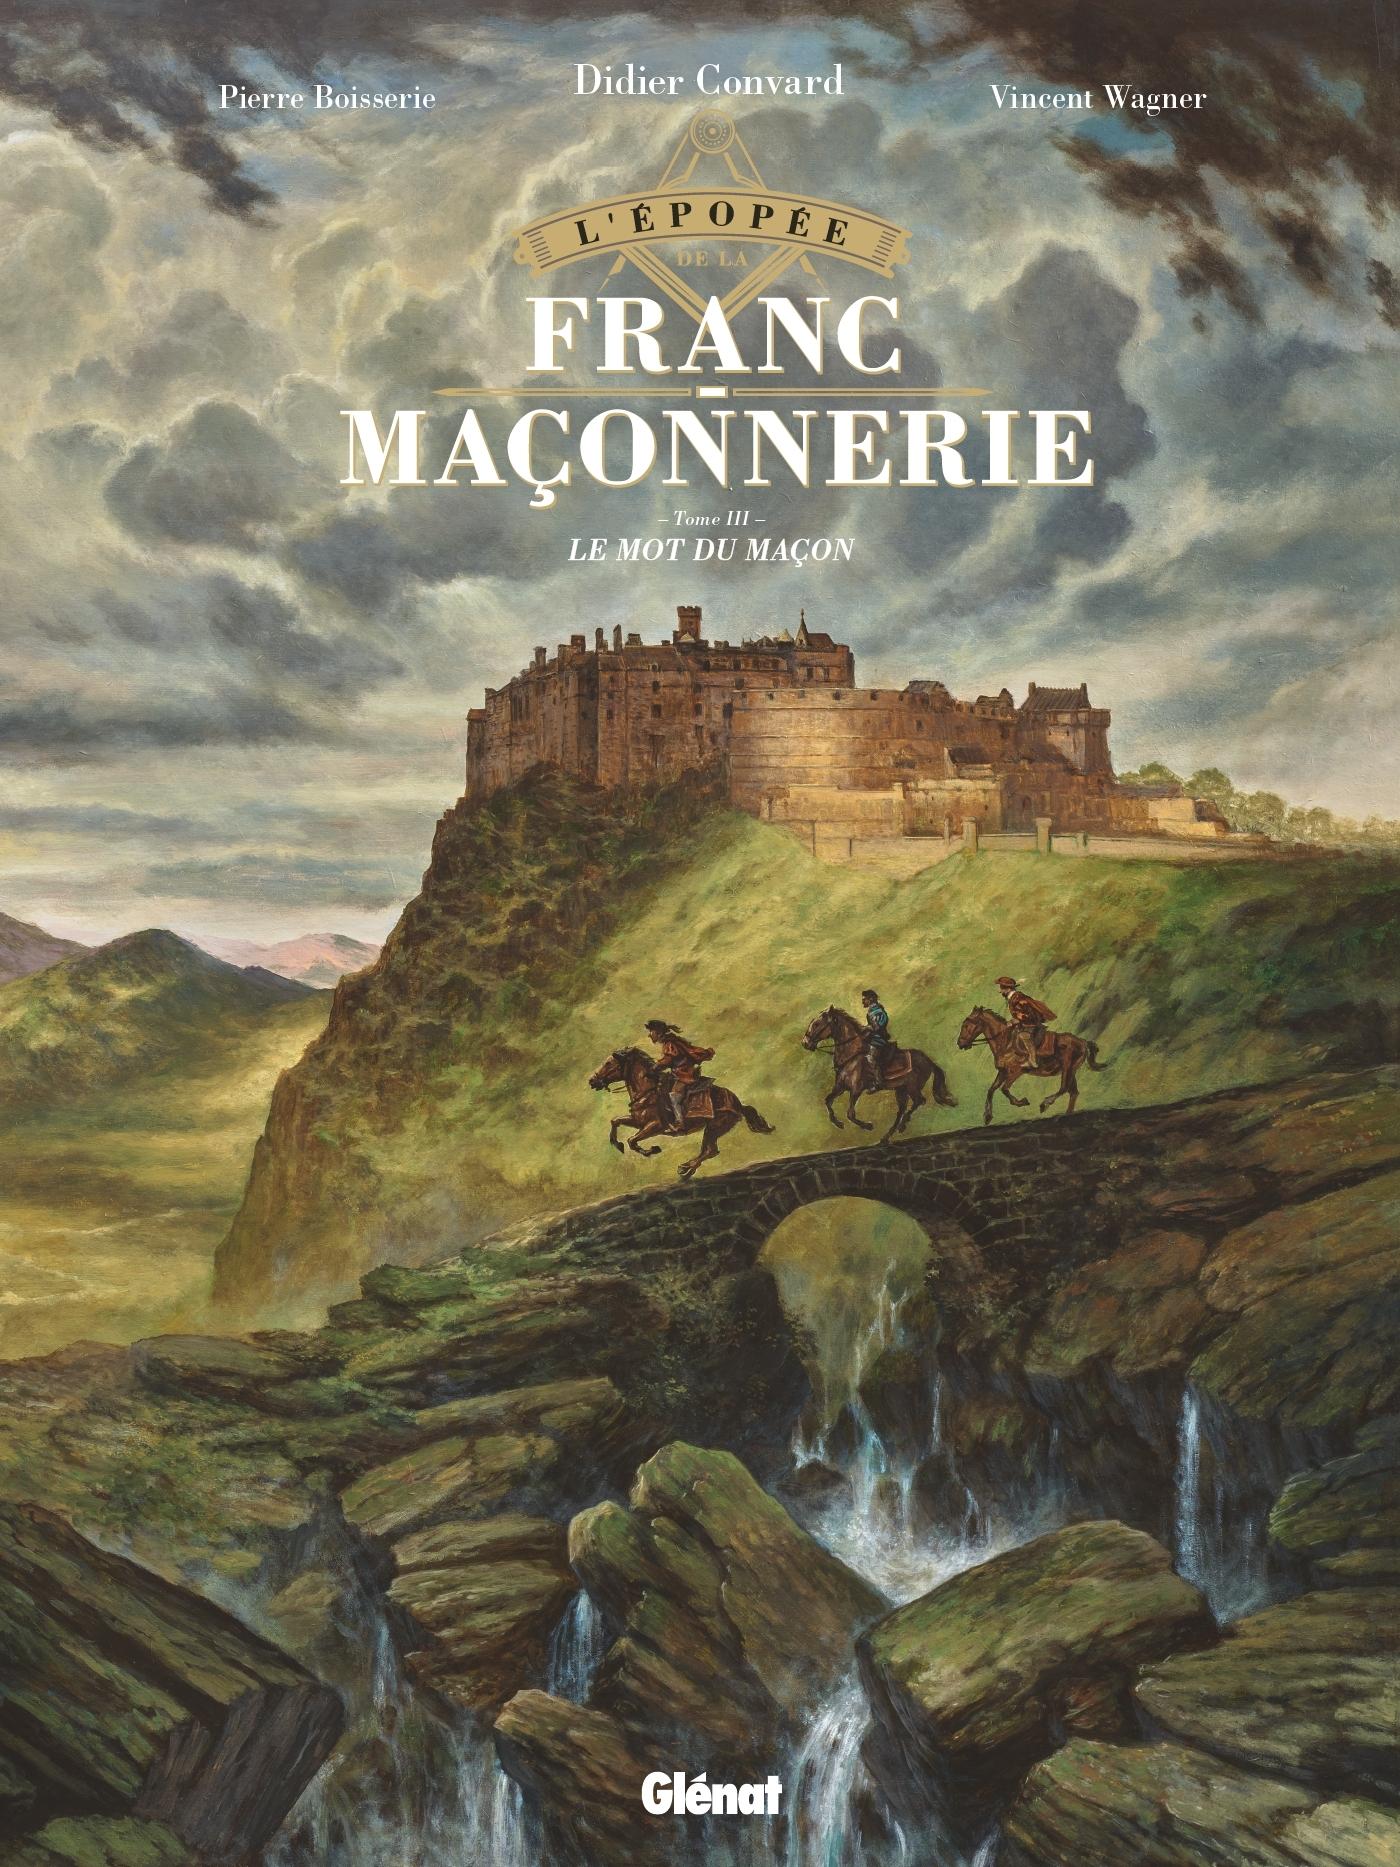 L'EPOPEE DE LA FRANC-MACONNERIE - TOME 03 - LE MOT DU MACON